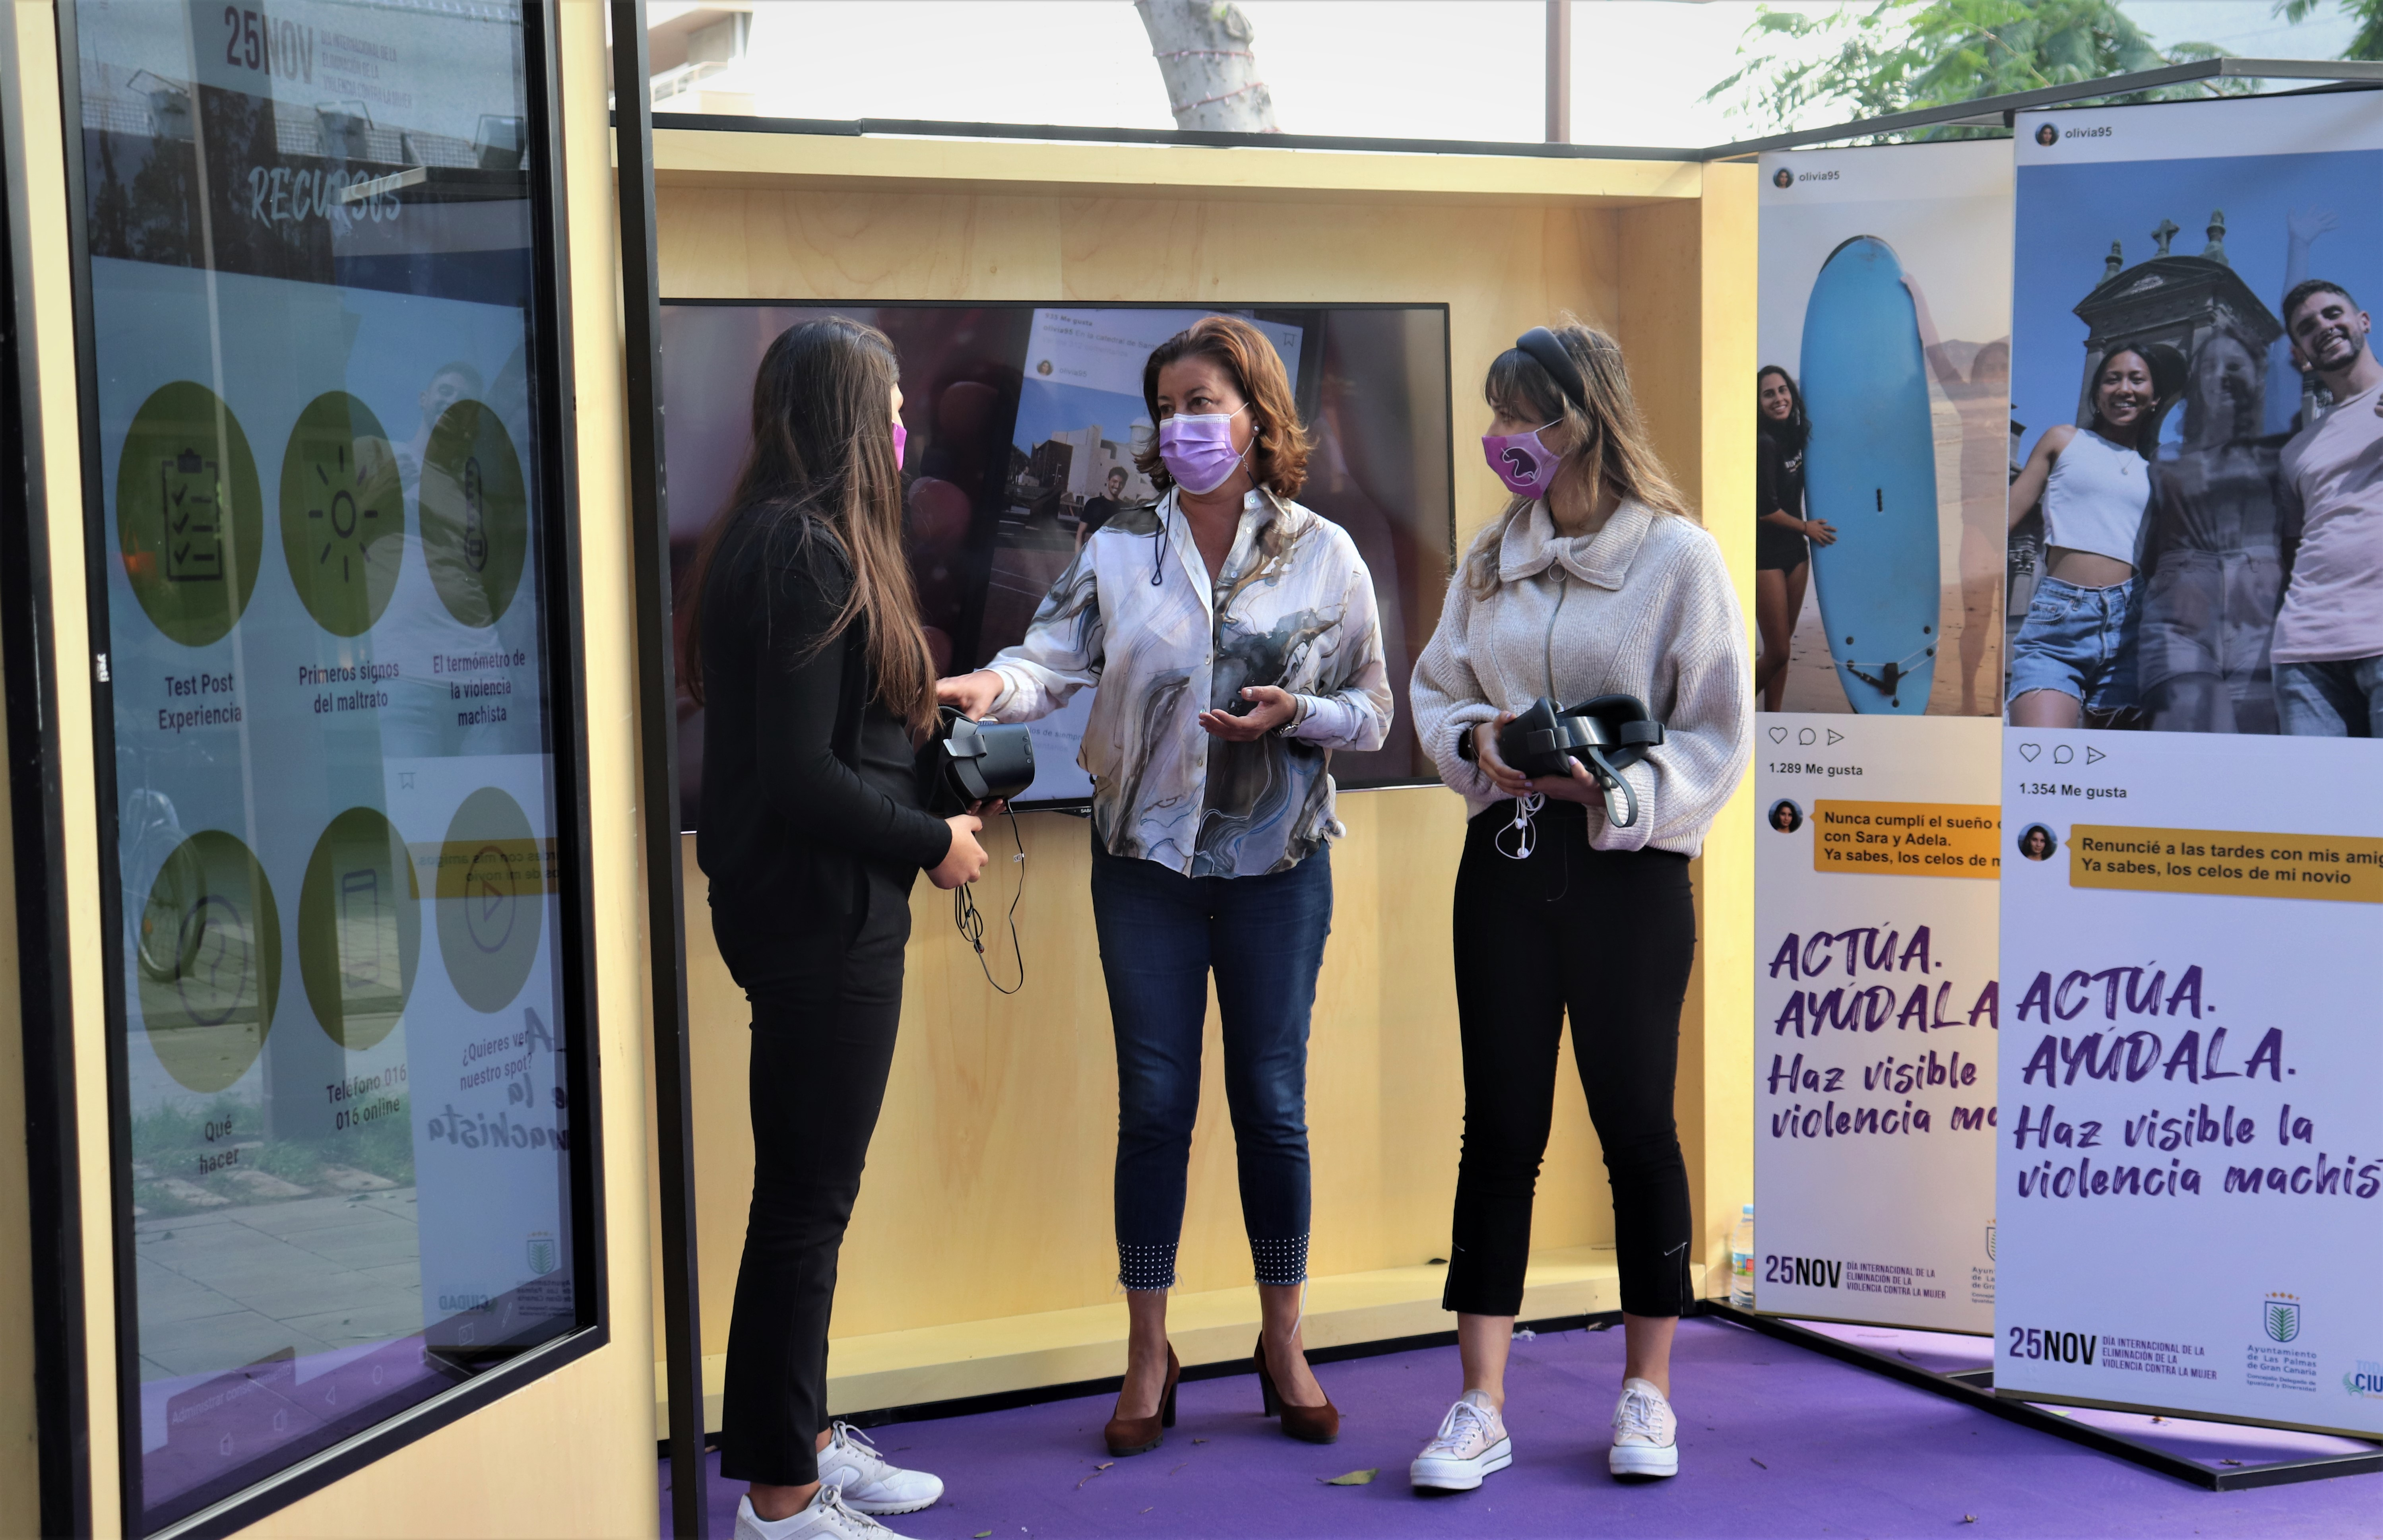 Stand de realidad virtual con motivo Día Internacional de la Eliminación de la Violencia Contra la Mujer / CanariasNoticias.es